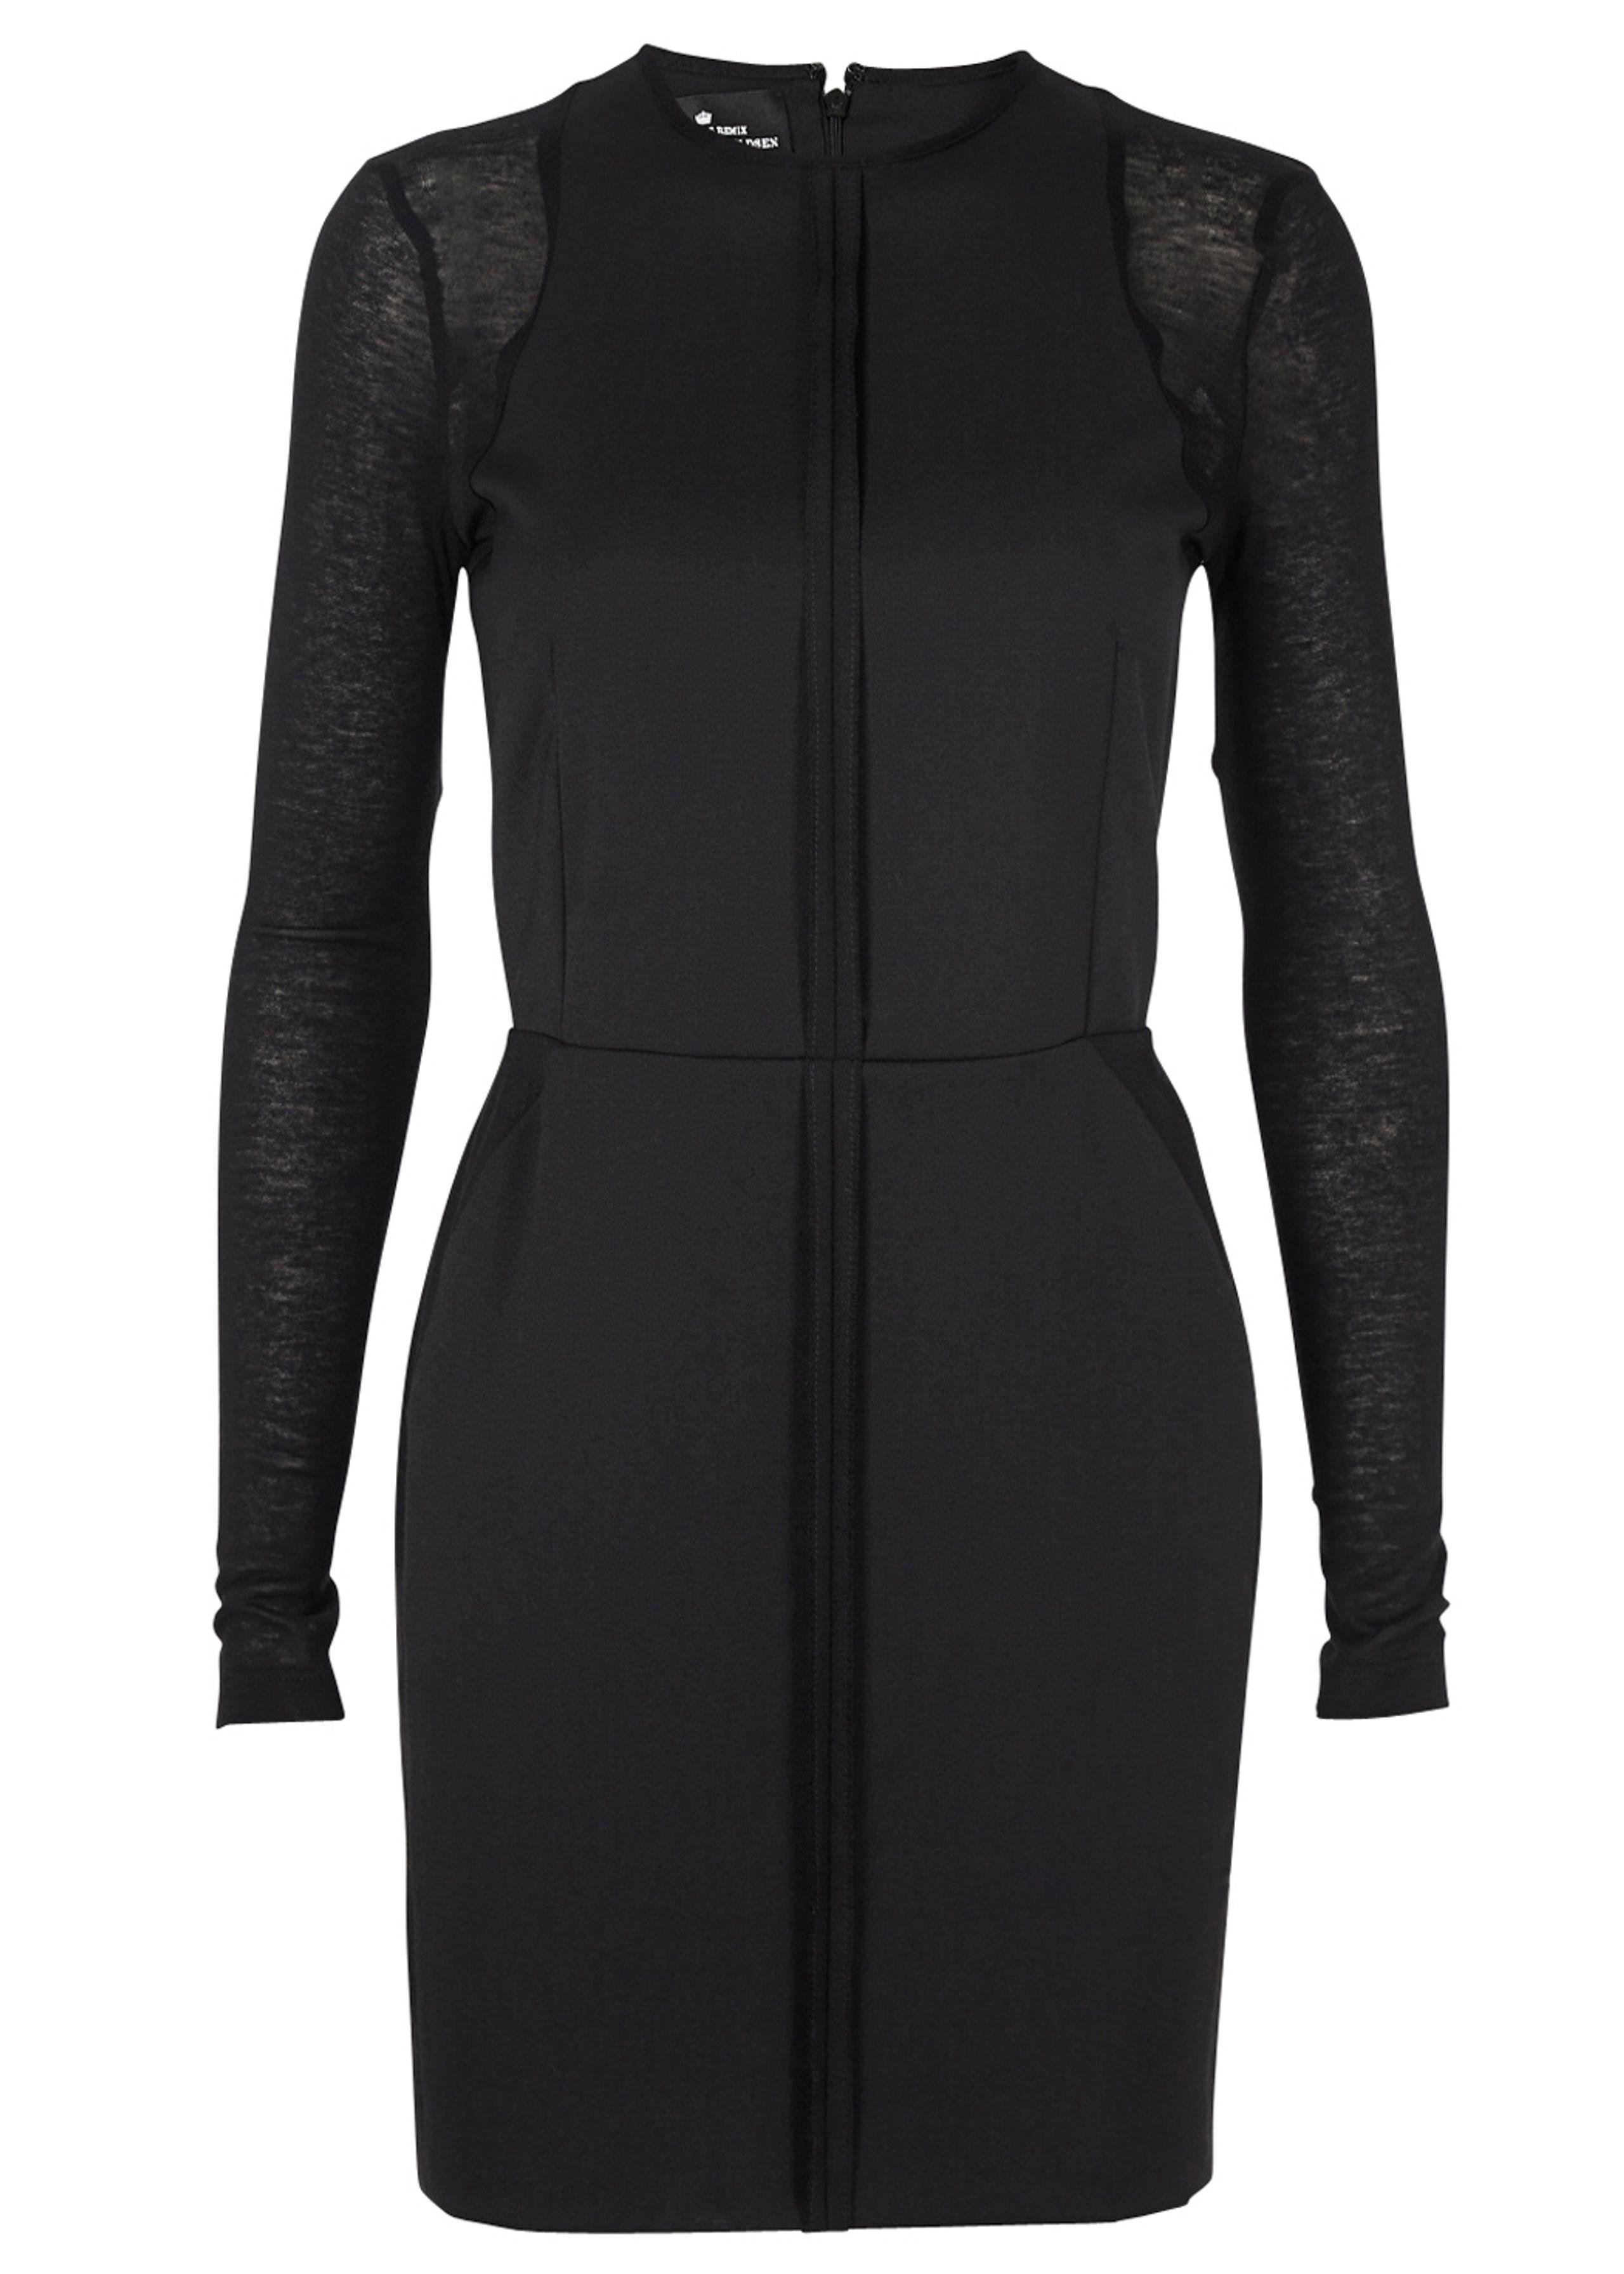 Joo dress